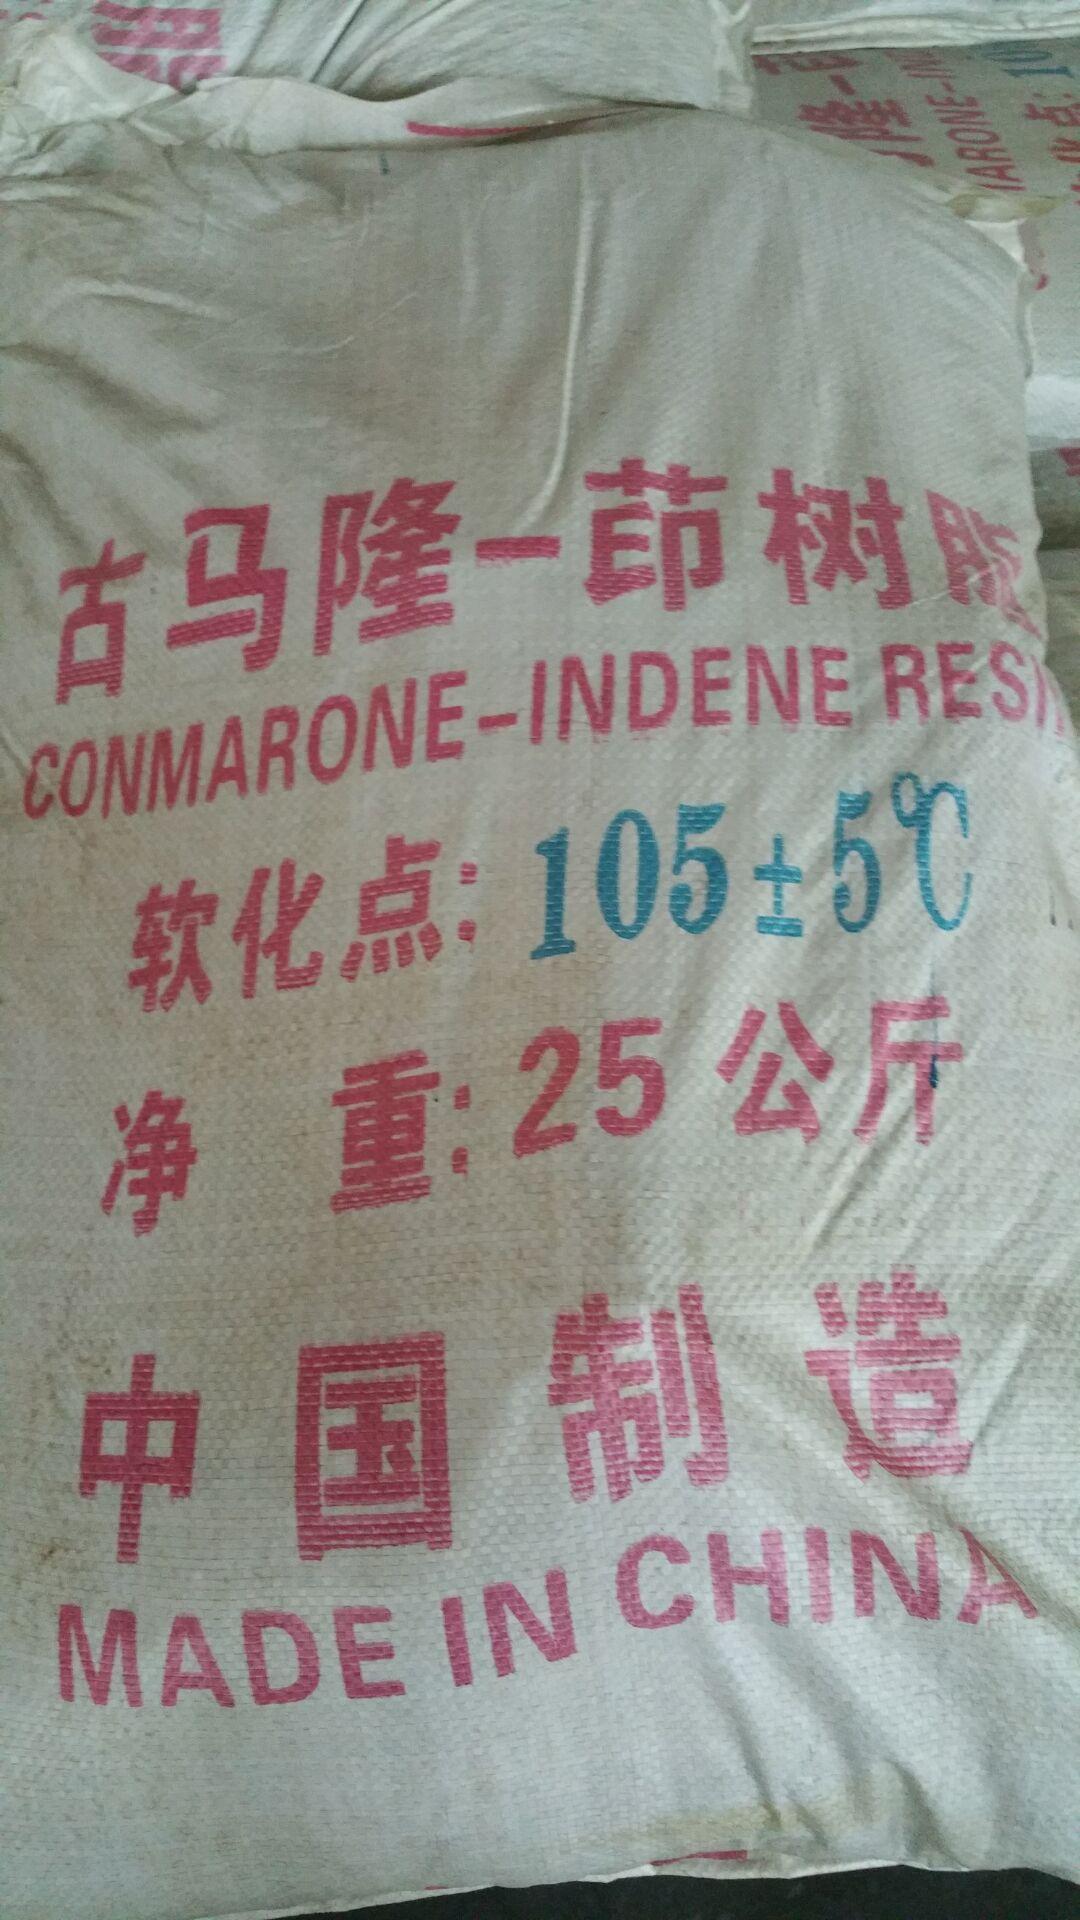 广东古马隆树脂厂 广东古马隆树脂厂家-古马隆树脂价格-褐色古马隆树脂批发-最佳古马隆树脂电话